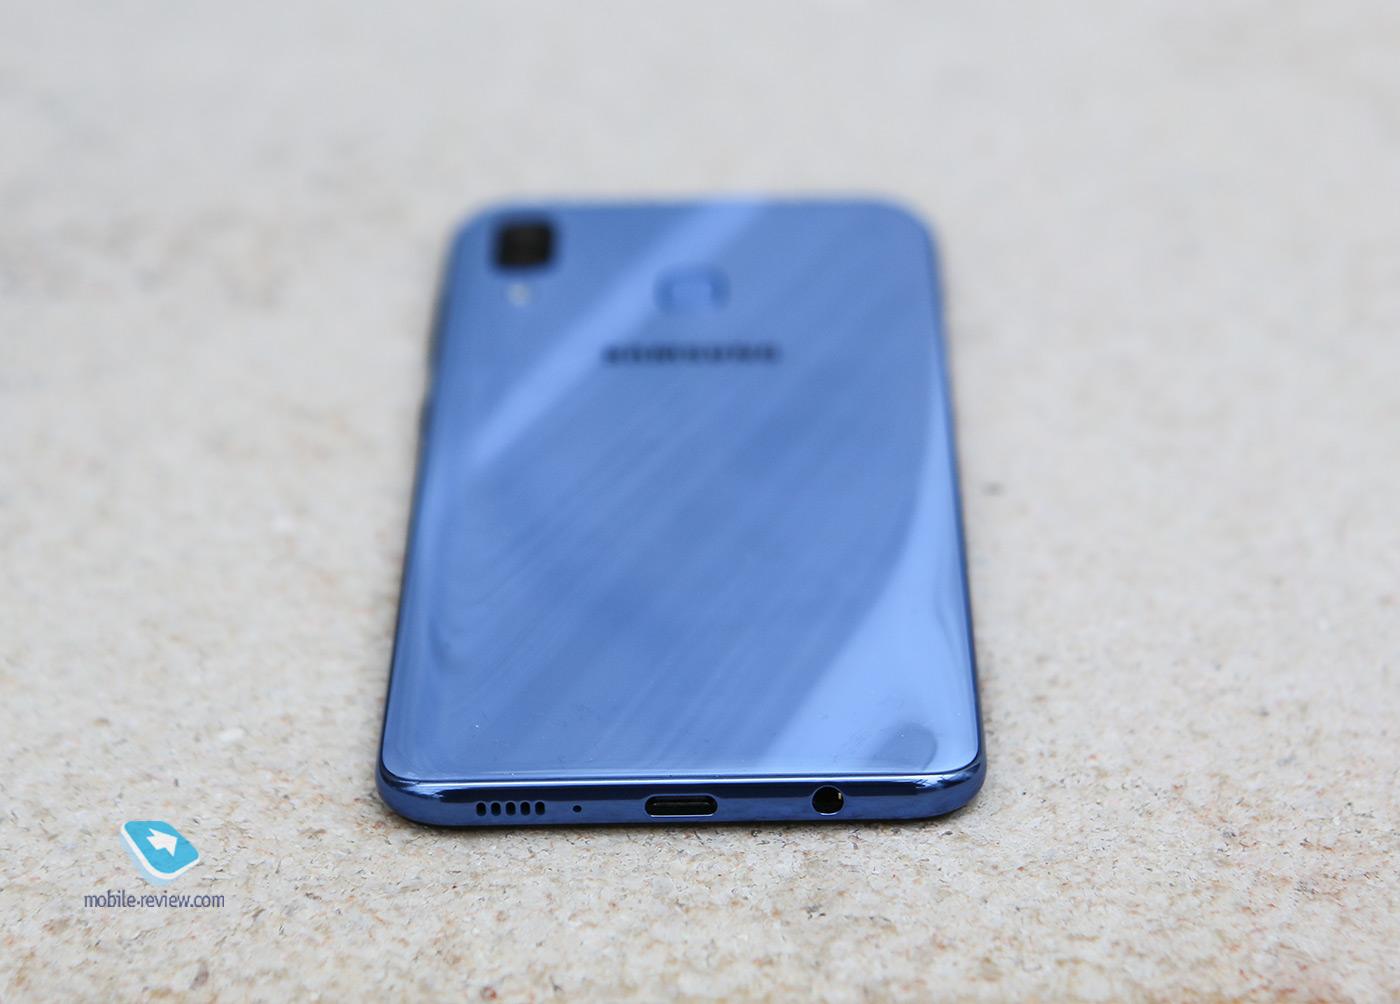 сколько стоит зарядное устройство для телефона самсунг а20